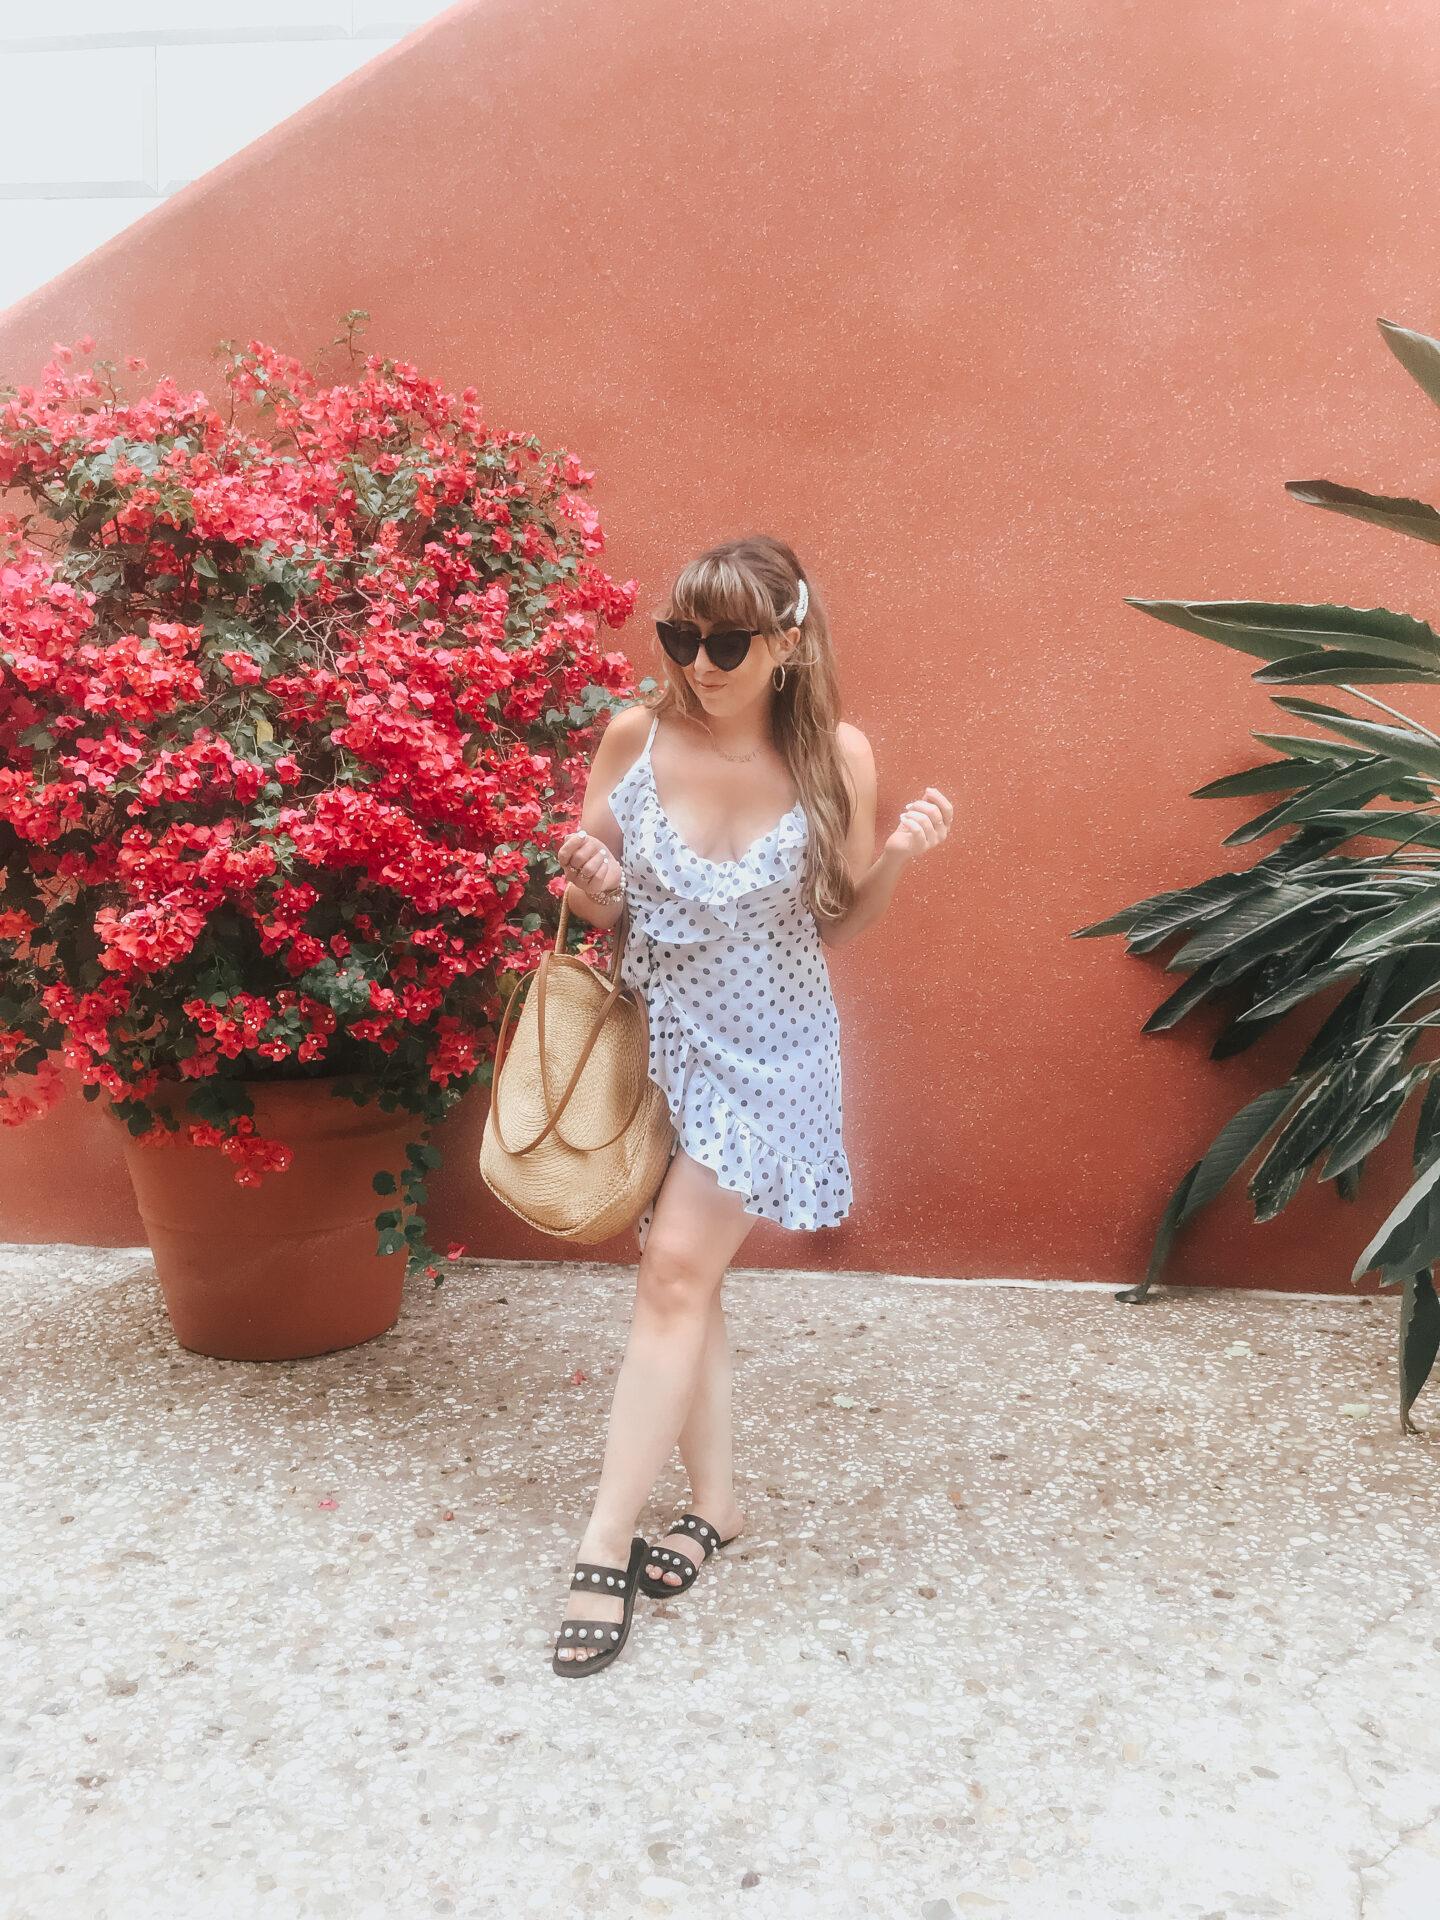 Loews-Portofino-Bay-Property-Stephanie-Pernas-24